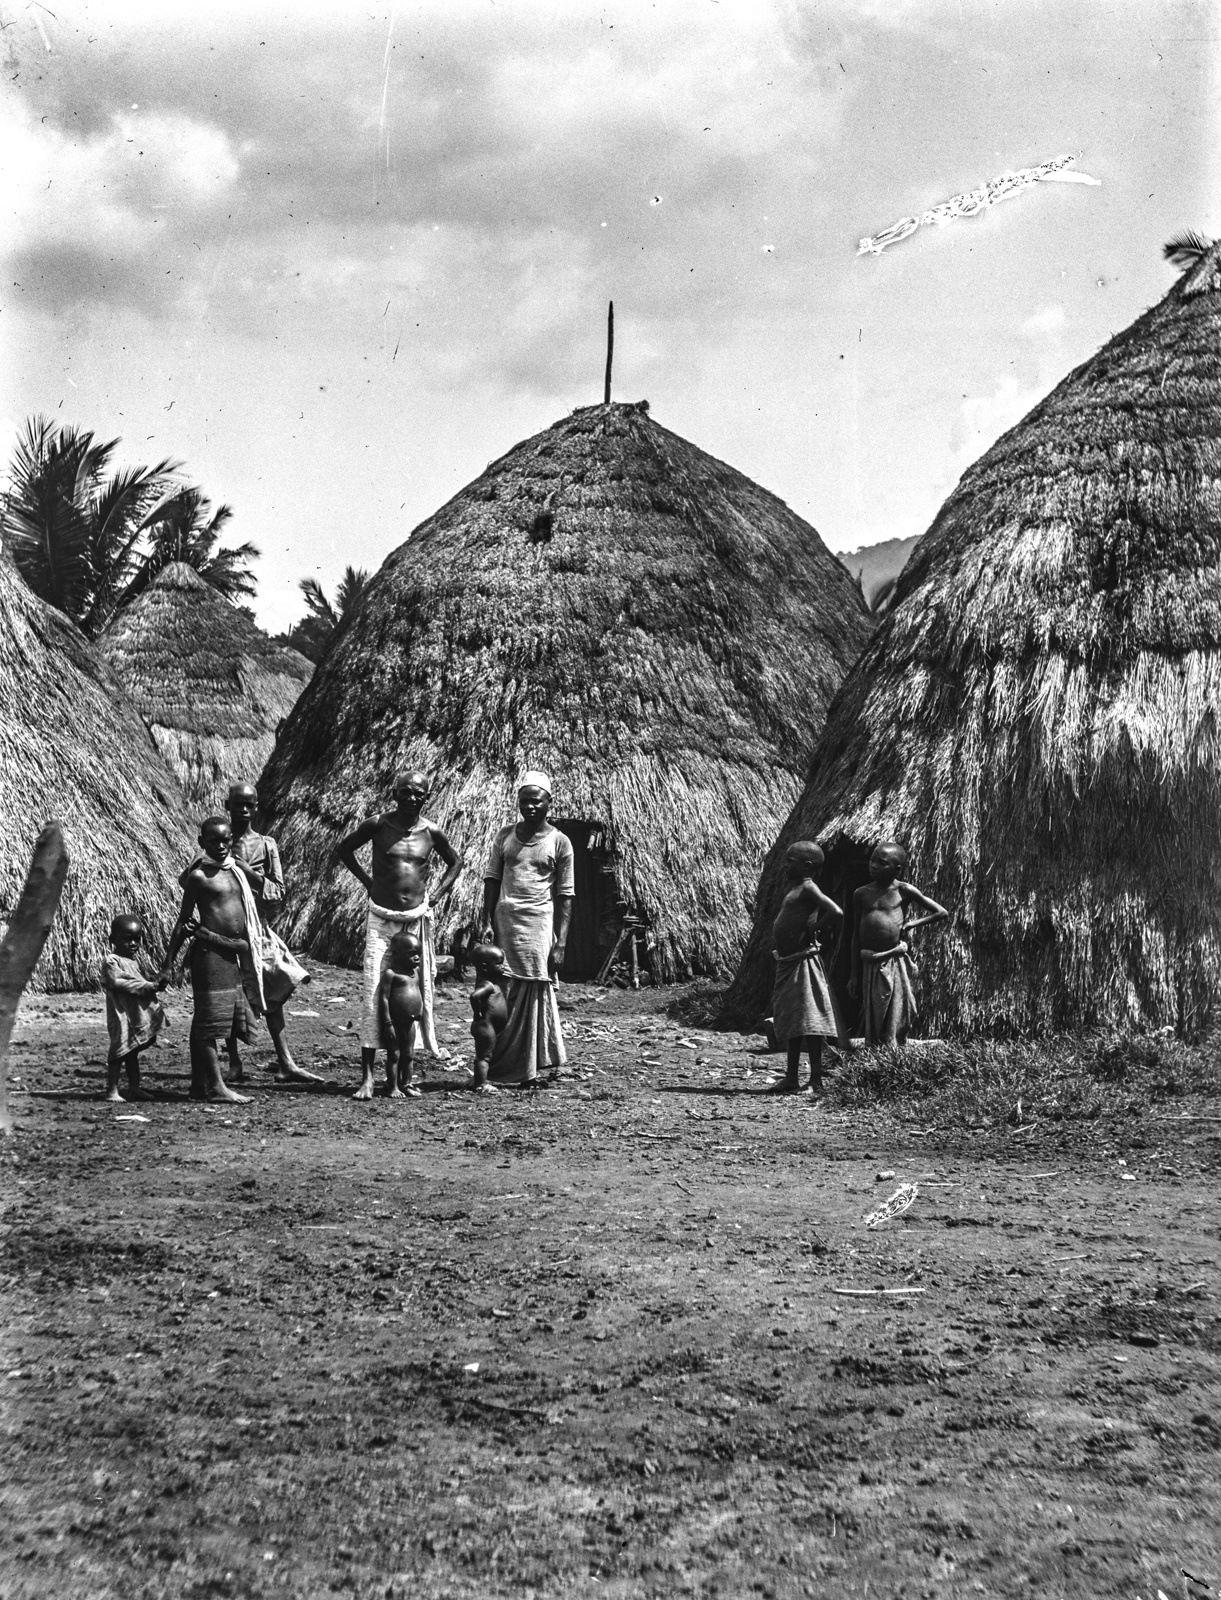 111. Деревня васигуа с соломенными крышами